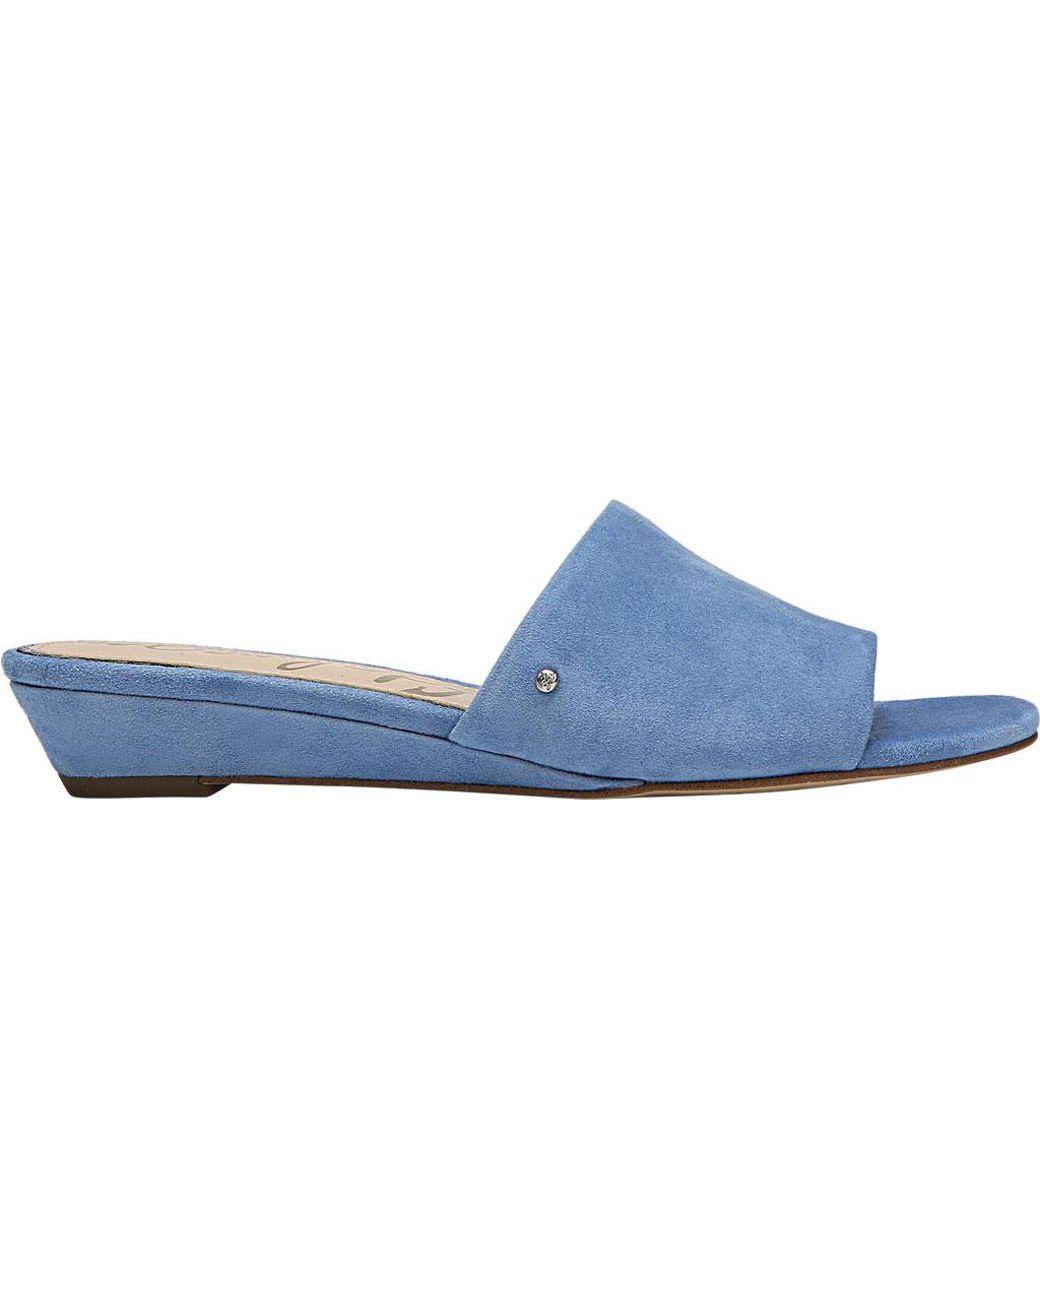 6adf0a12392a Lyst - Sam Edelman Liliana Wedge Sandal in Blue - Save 46%